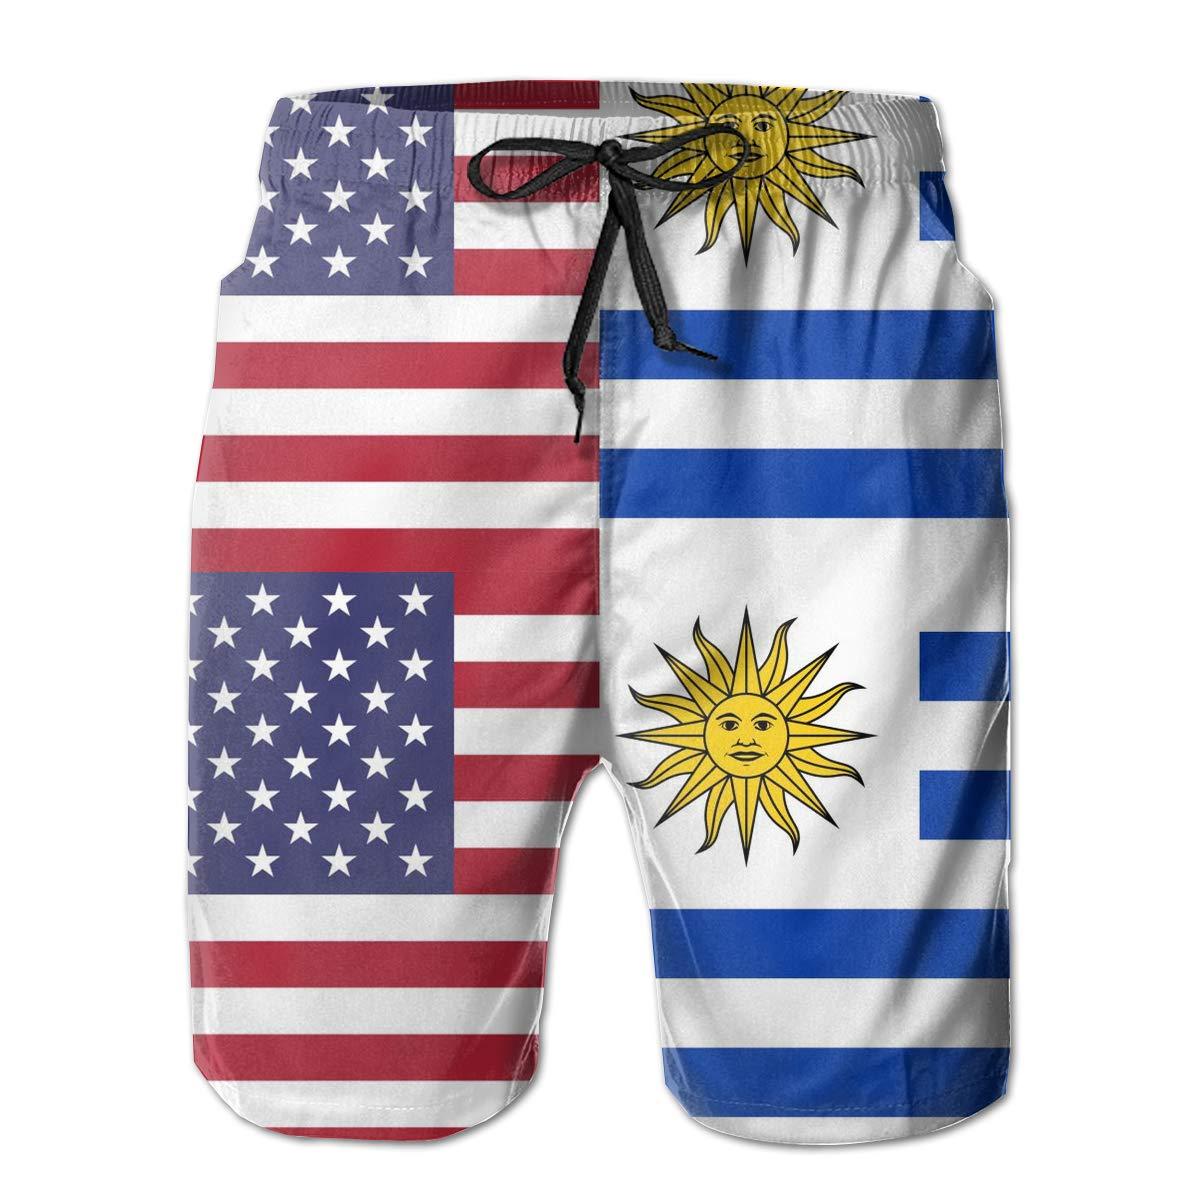 TBVS 79 Uruguay American Half Flag Mens Summer Casual Boardshort with Pocket Drawstring